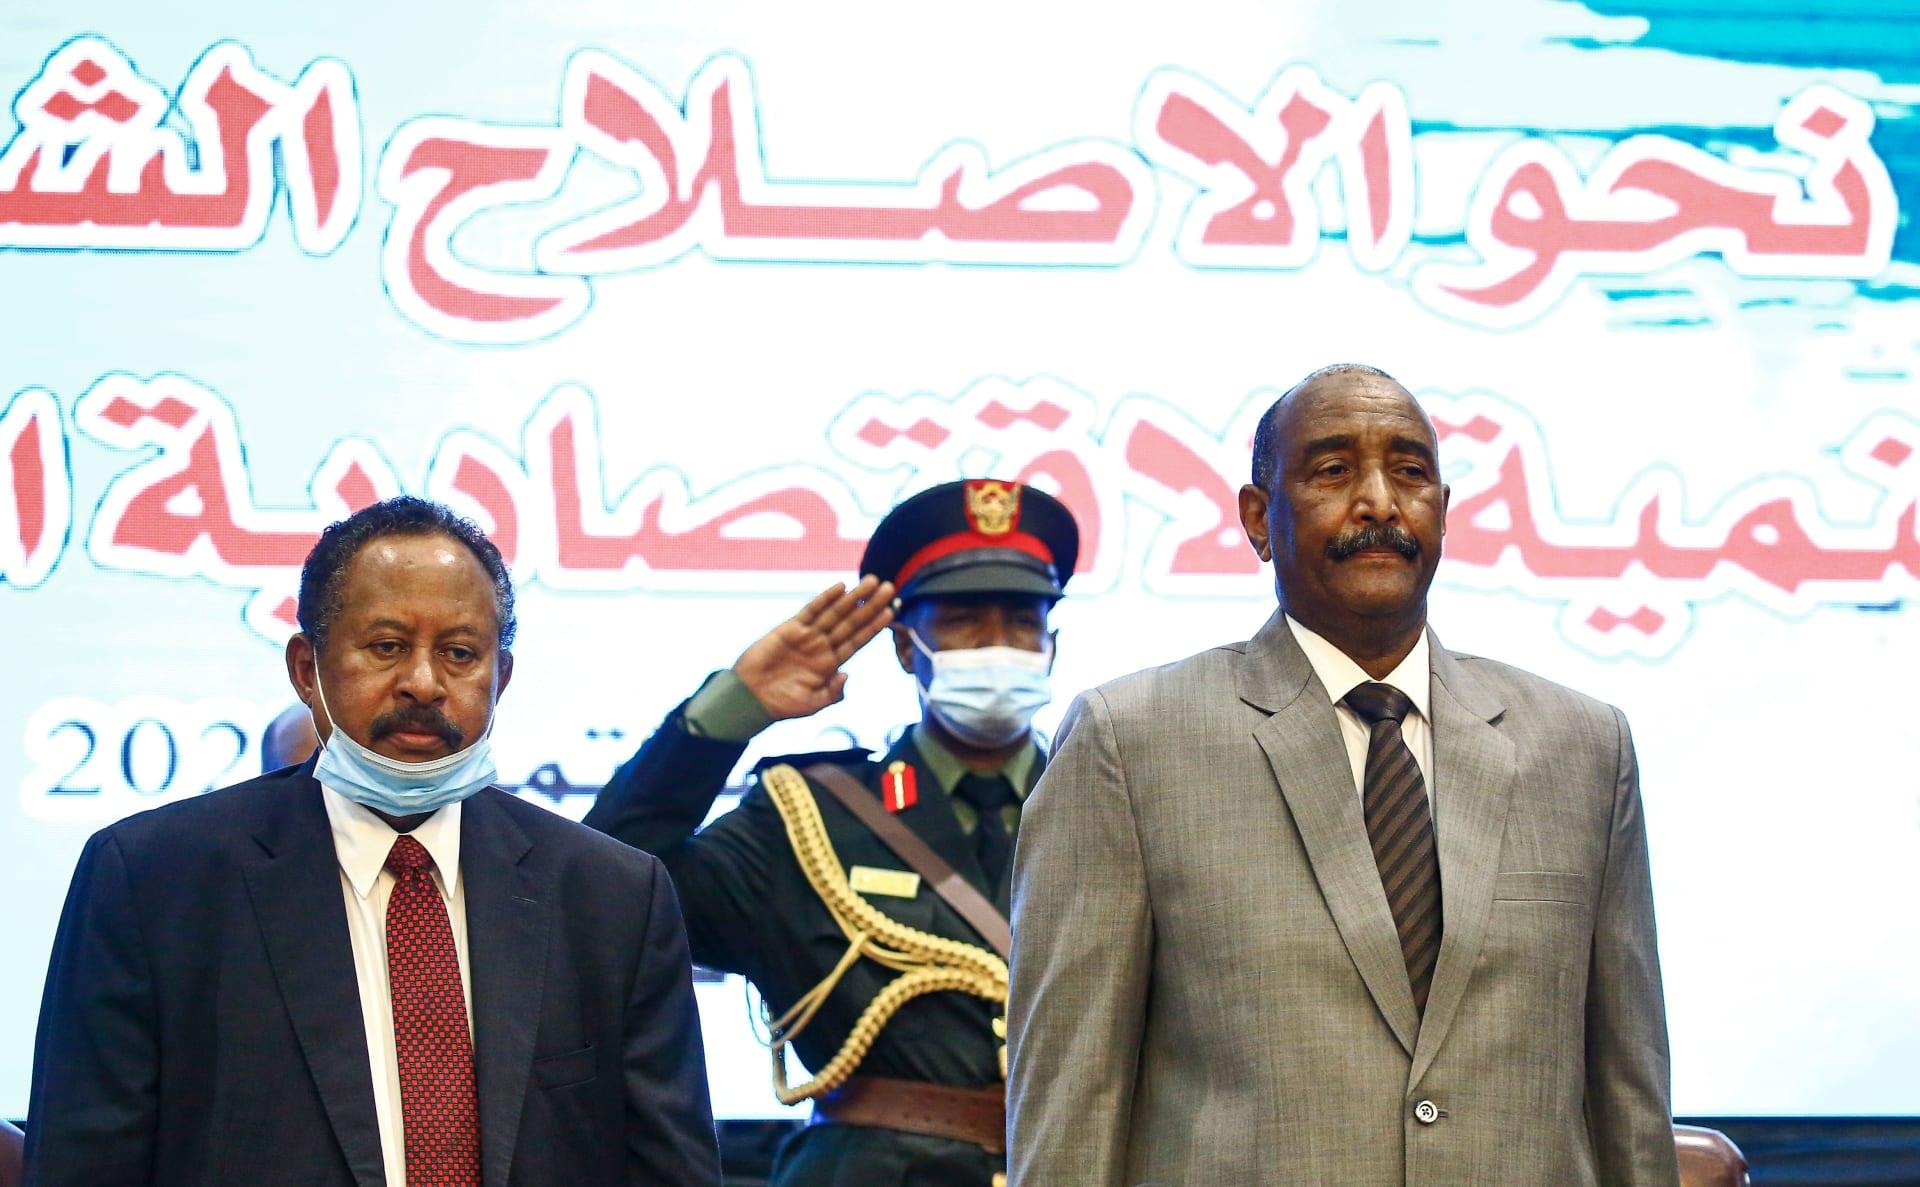 قبل انتهاء مهلة أمريكا.. حكومة السودان تنعقد لاتخاذ قرار بشأن التطبيع مع إسرائيل